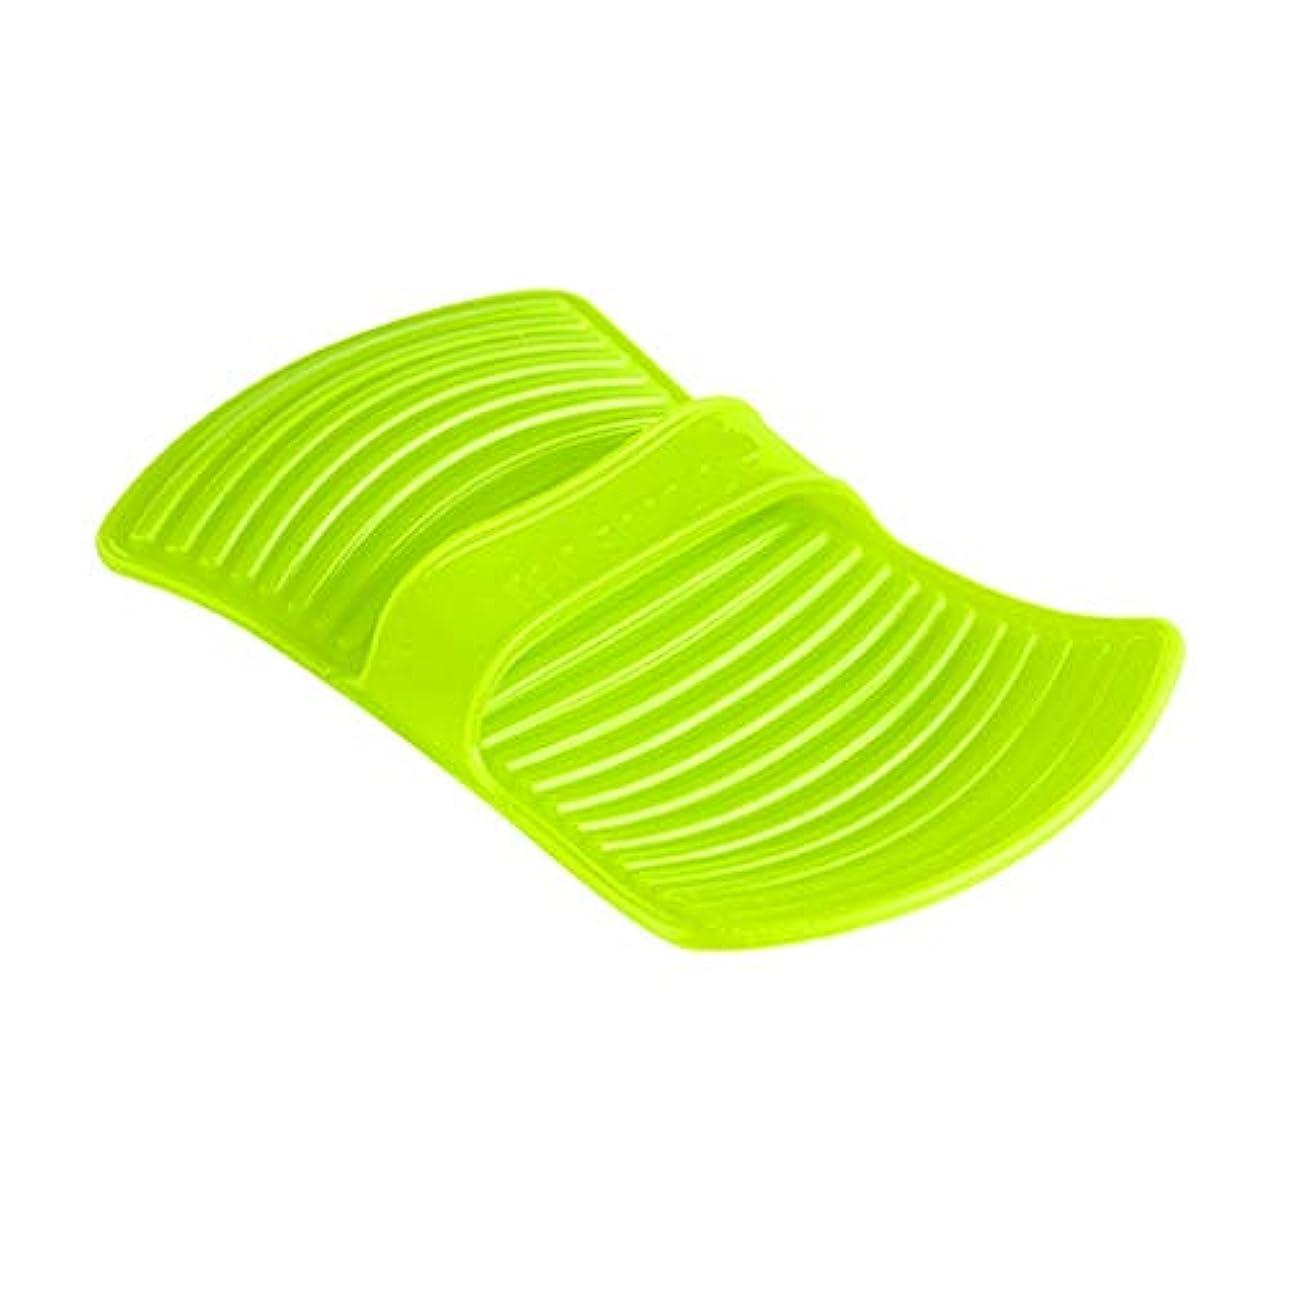 ドライブ発送イブニングLIUXIN シリコーン断熱材不凍液手袋高温焼け防止手袋家庭用ベーキング手袋滑り止め11.7 * 20.5センチグリーン×1 ゴム手袋